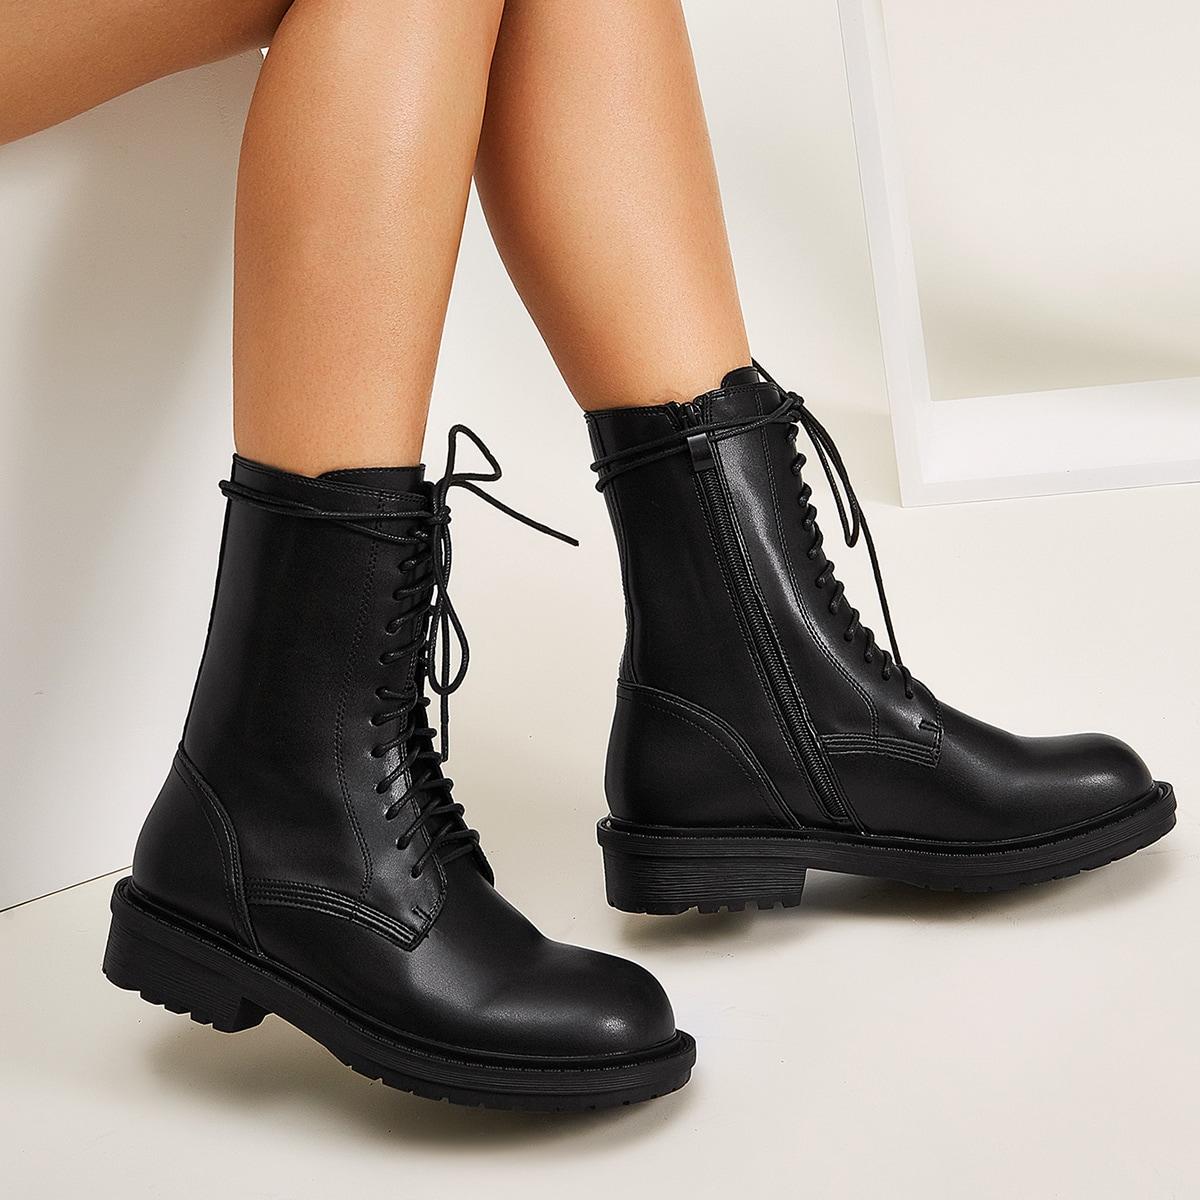 SHEIN / Minimalistischer Stiefel mit Band vorn und seitlichem Reißverschluss